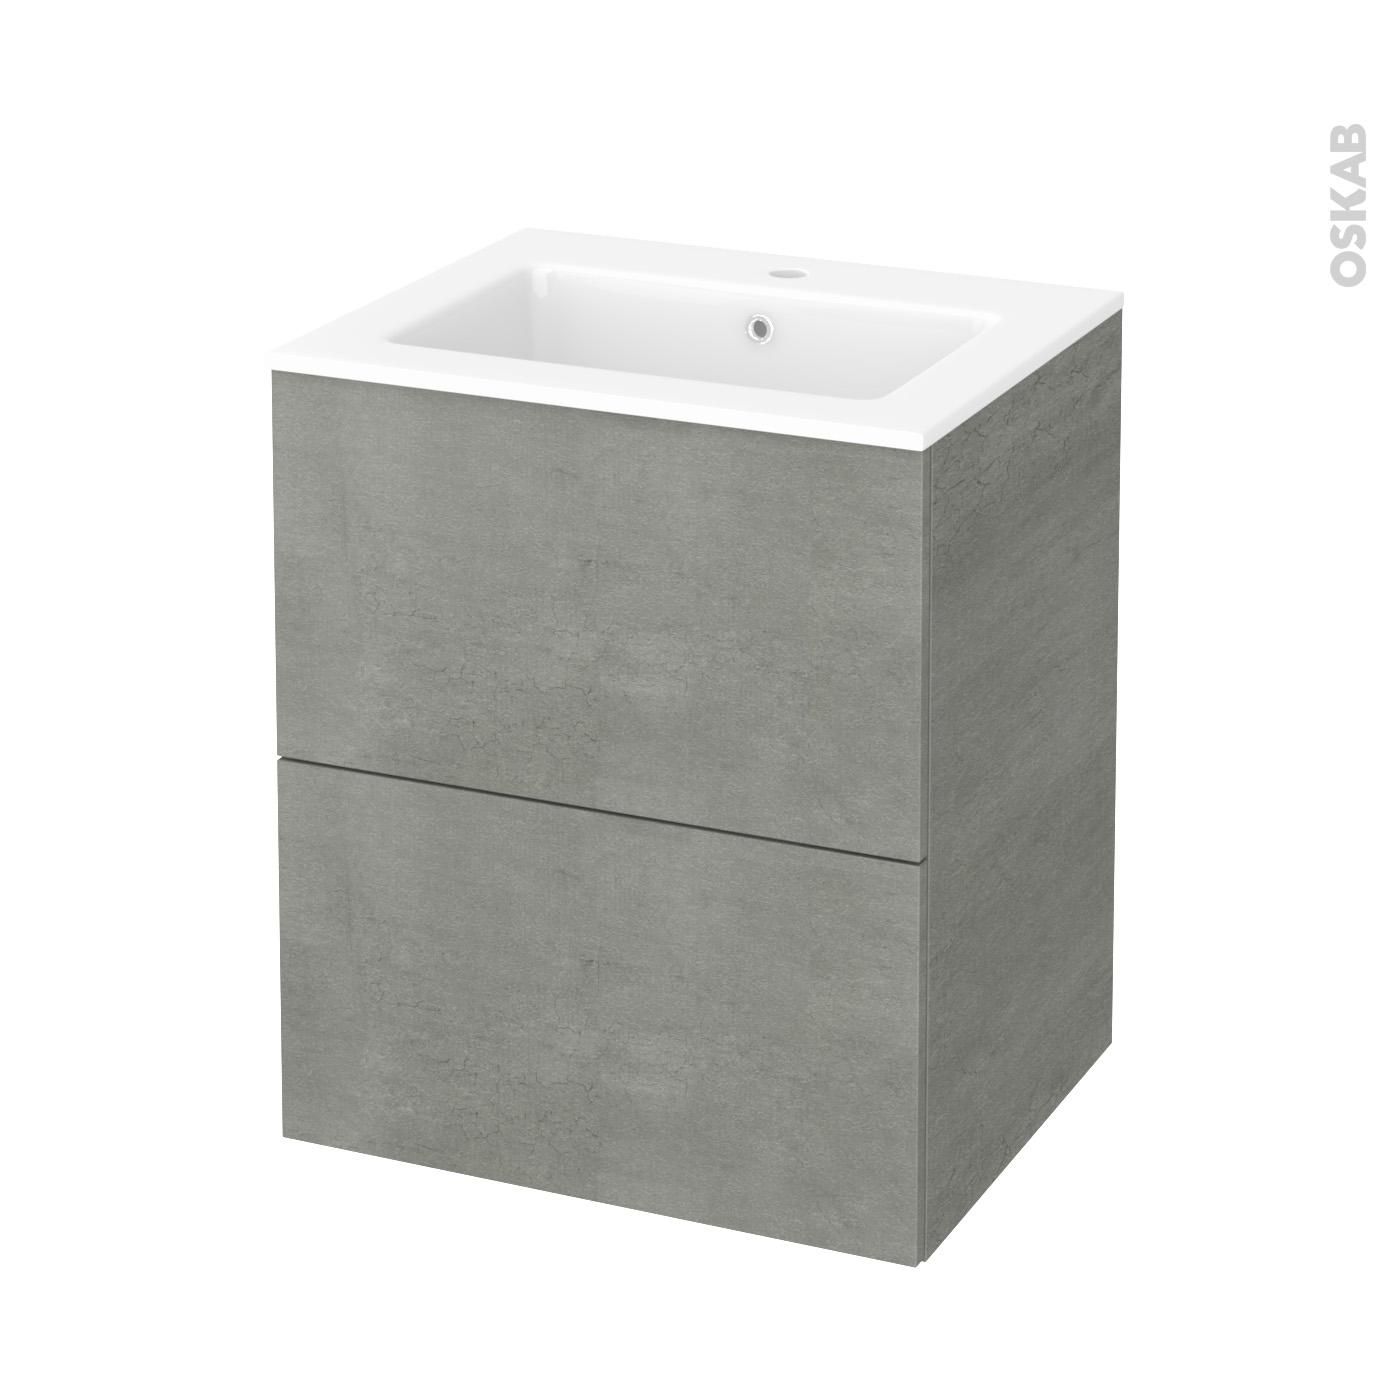 Affiche Salle De Bain Humoristique ~ meuble de salle de bains plan vasque naja fakto b ton 2 tiroirs